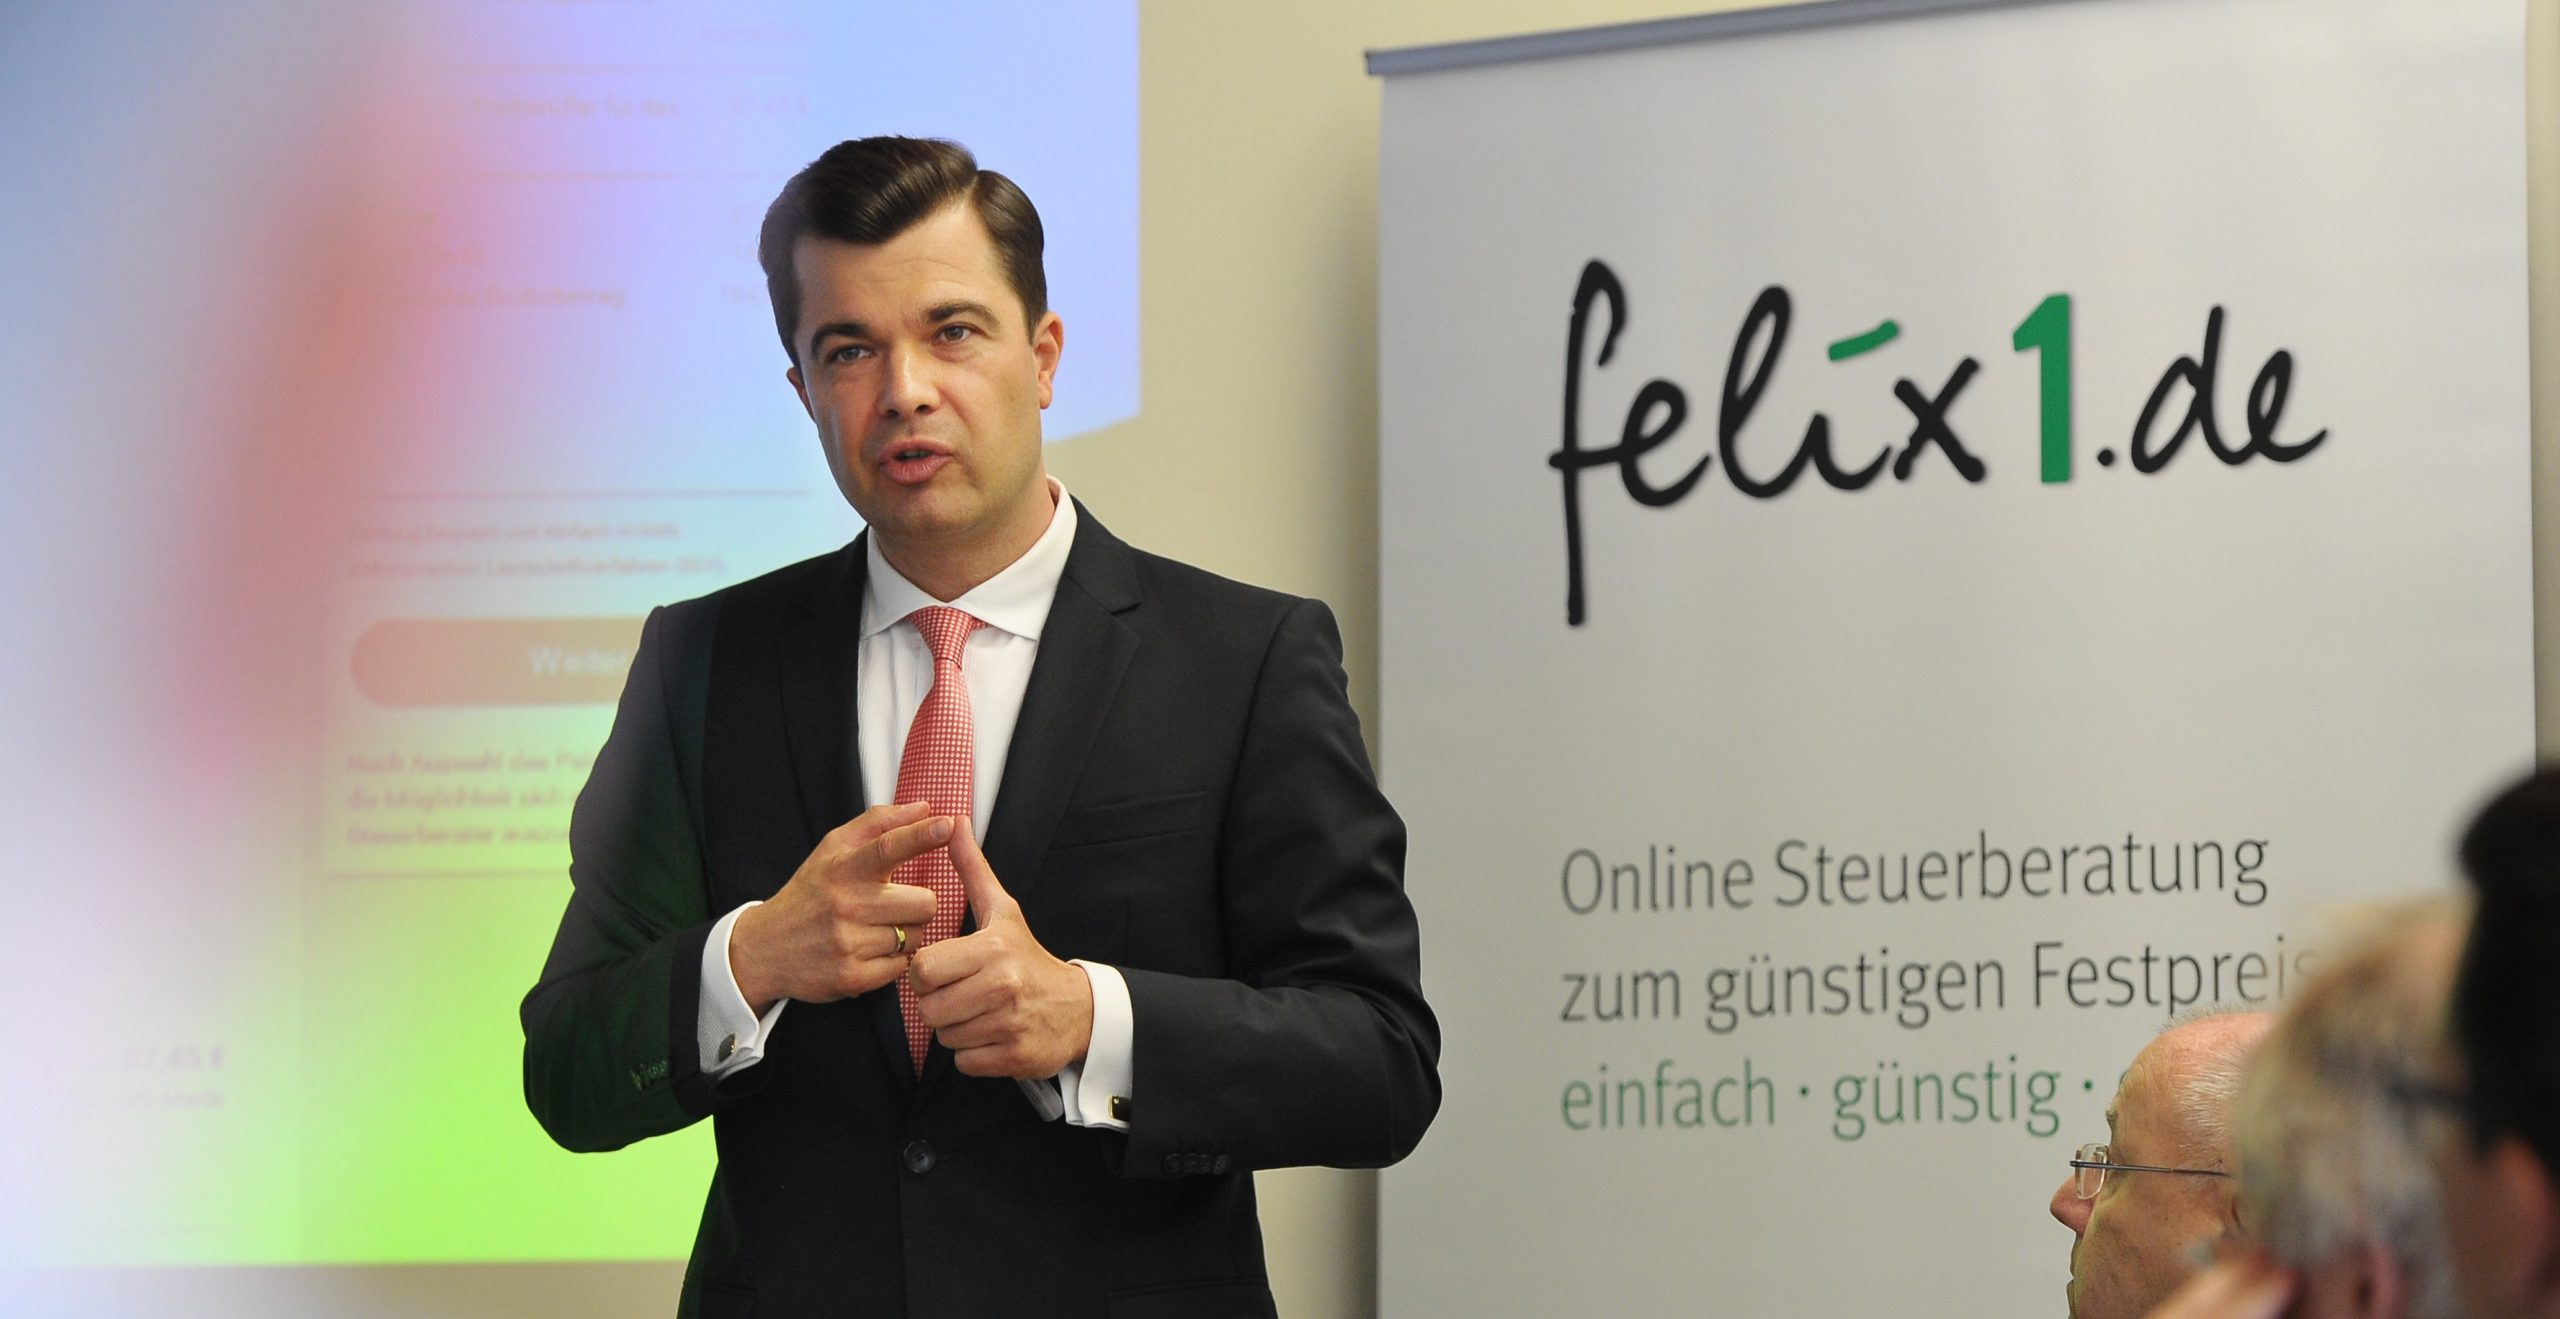 ETL-Vorstand Marc Müller bei der Vorstellung von felix1.de in Frankfurt (Foto: ETL)